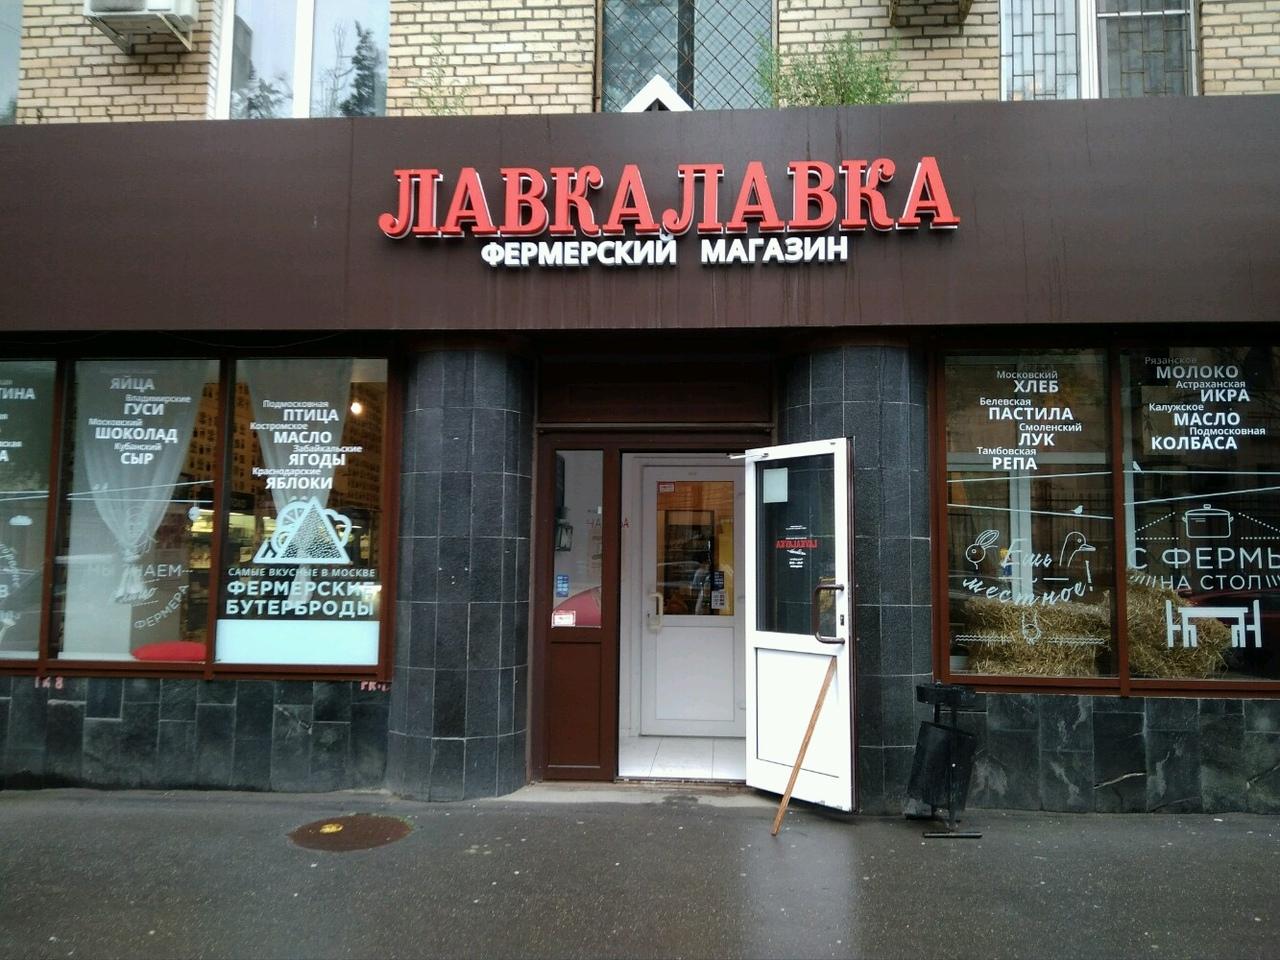 Лавка Лавка Адреса Магазинов В Москве